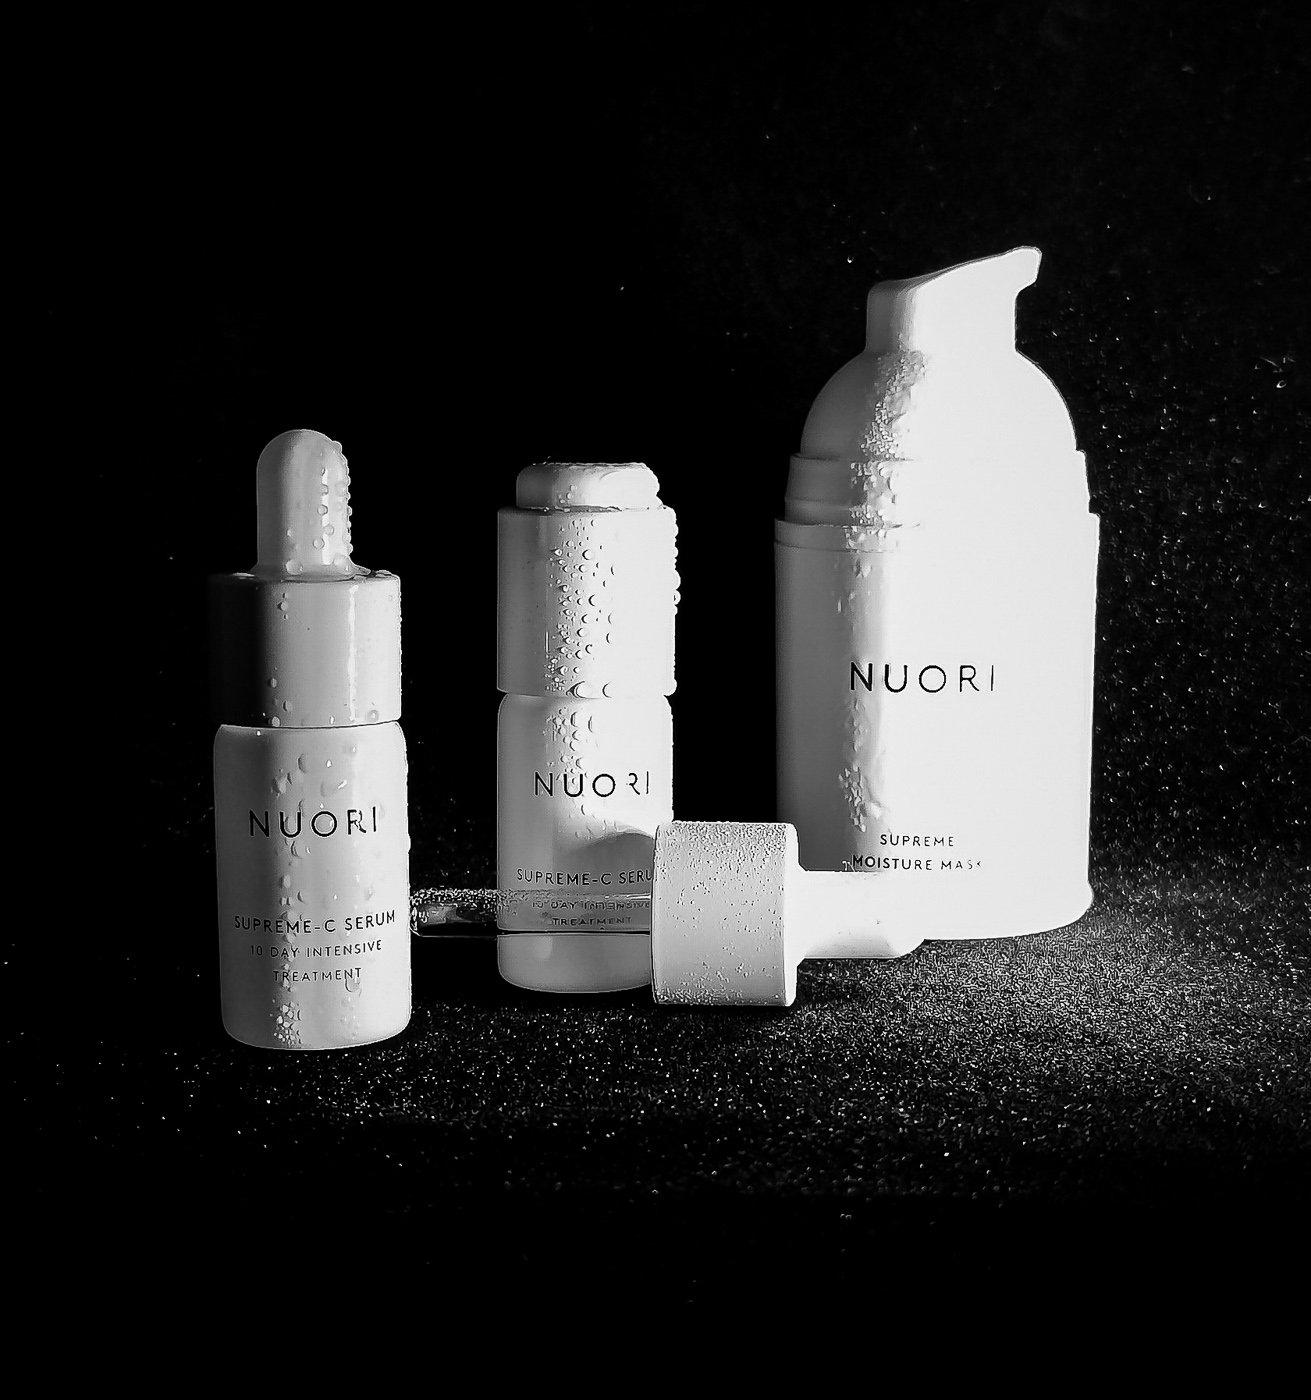 conny doll lifestyle: Vitamin C, Hautpflege, Kur, Feuchtigkeitsmaske für trockene Haut, Glow